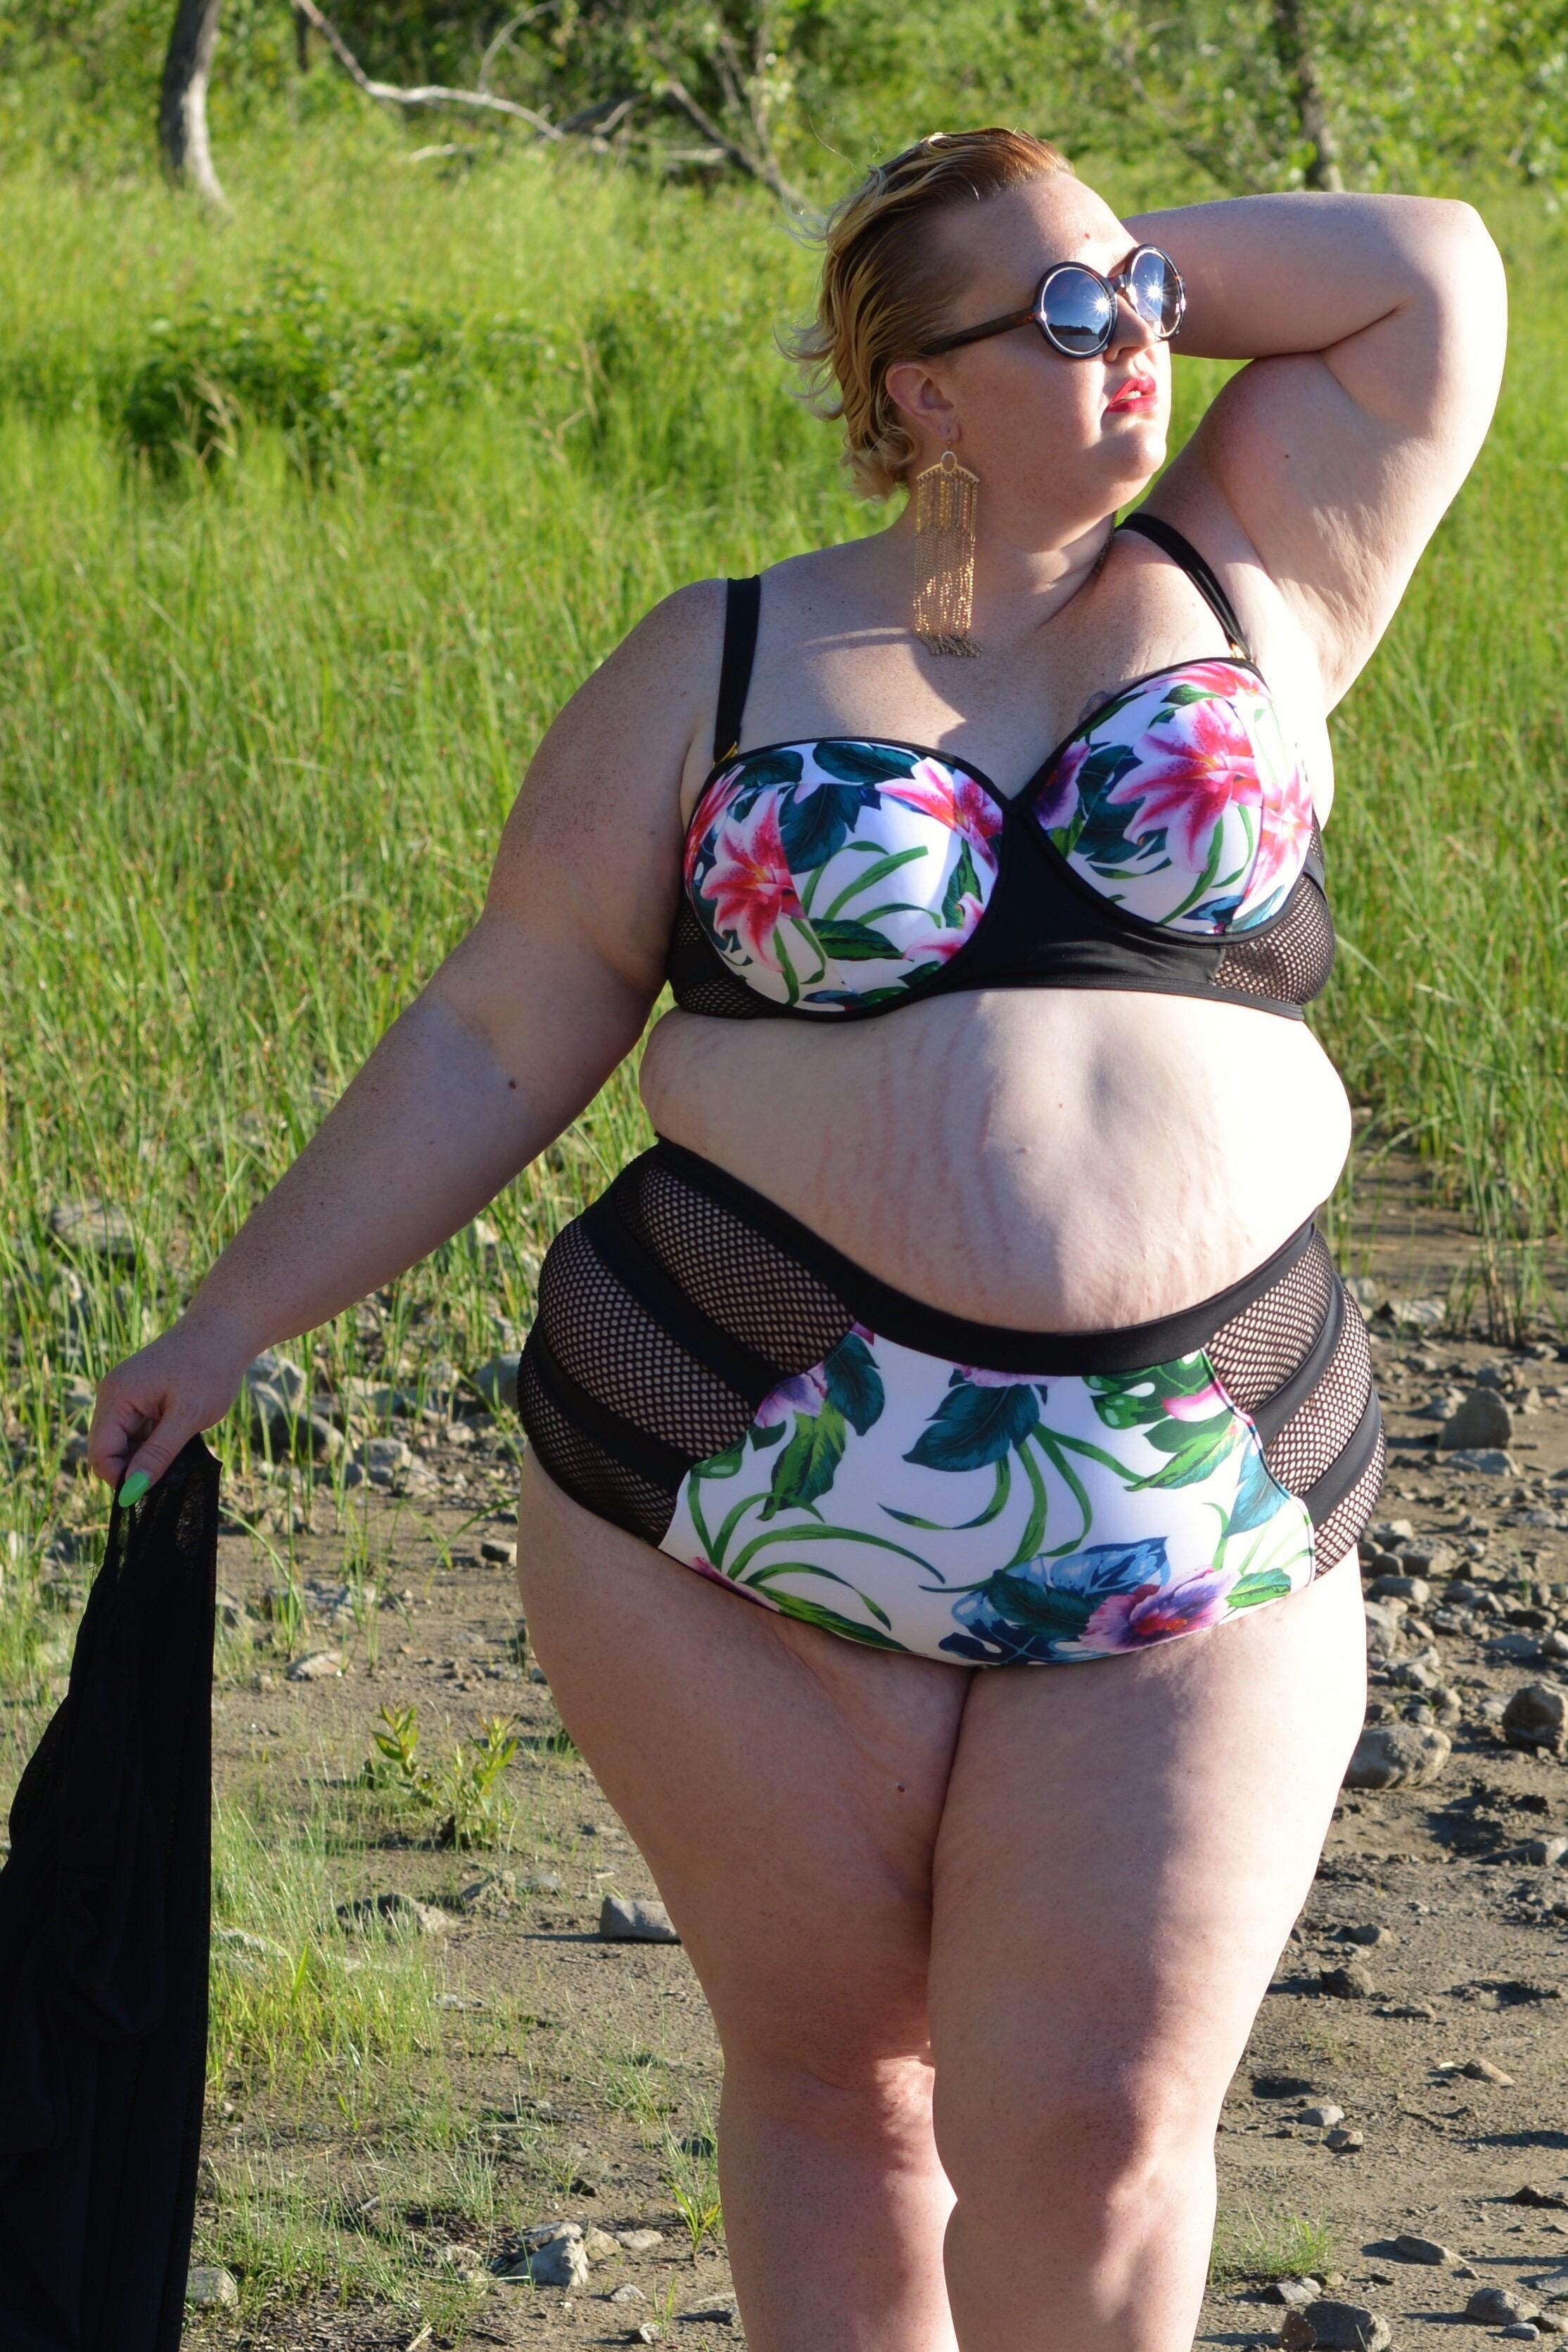 общество, домашнее фото большие толстые женщины самостоятельном режиме